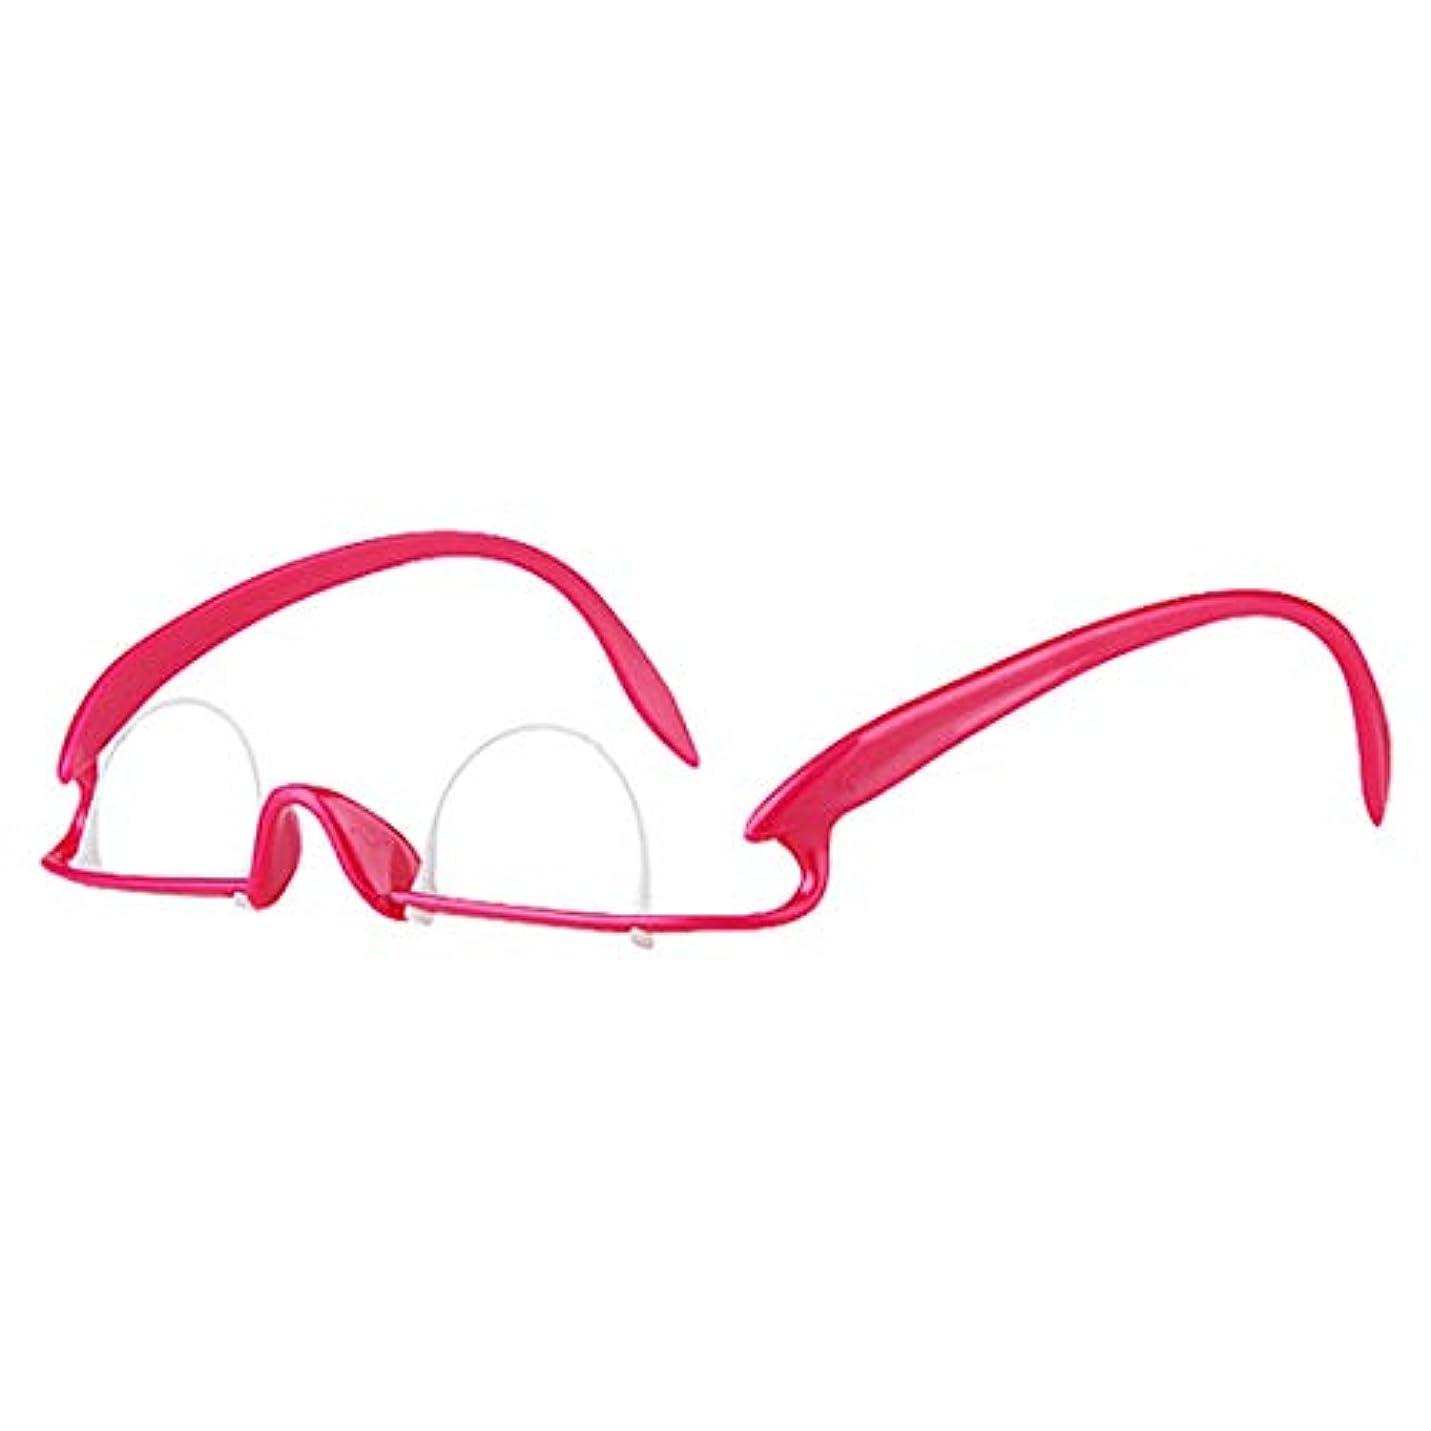 私達逃げる沿って億騰 二重まぶた用メガネ 二重まぶた運動 二重まぶた形成 二重まぶた運動器 メガネトレーナー